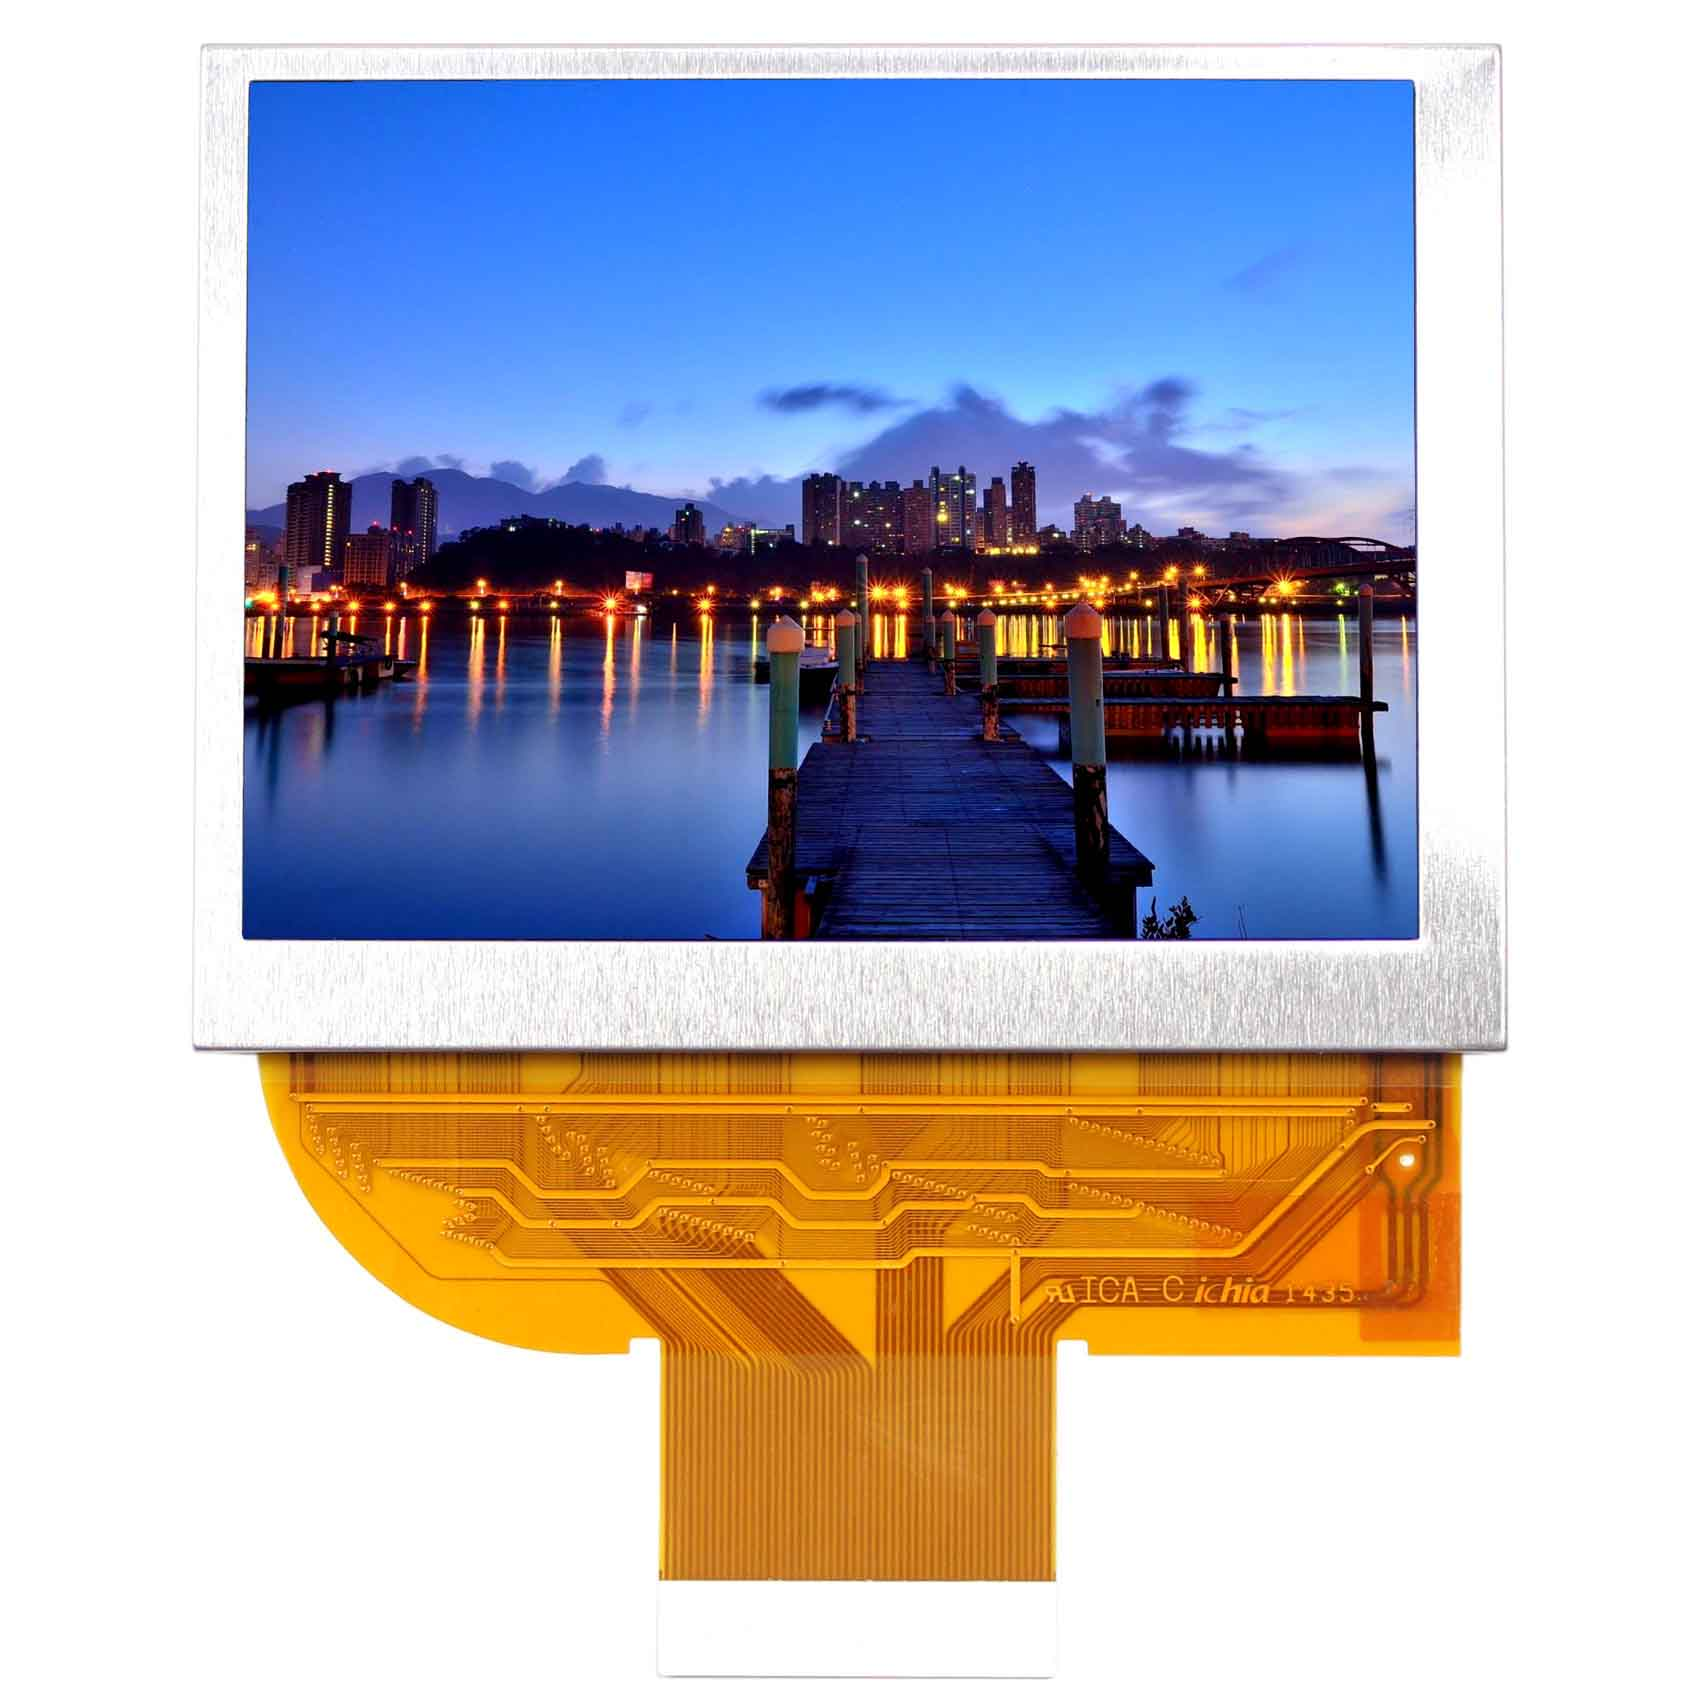 цена на 3.5inch LCD Display PVI PD035VX2 640x480 TFT LCD Screen